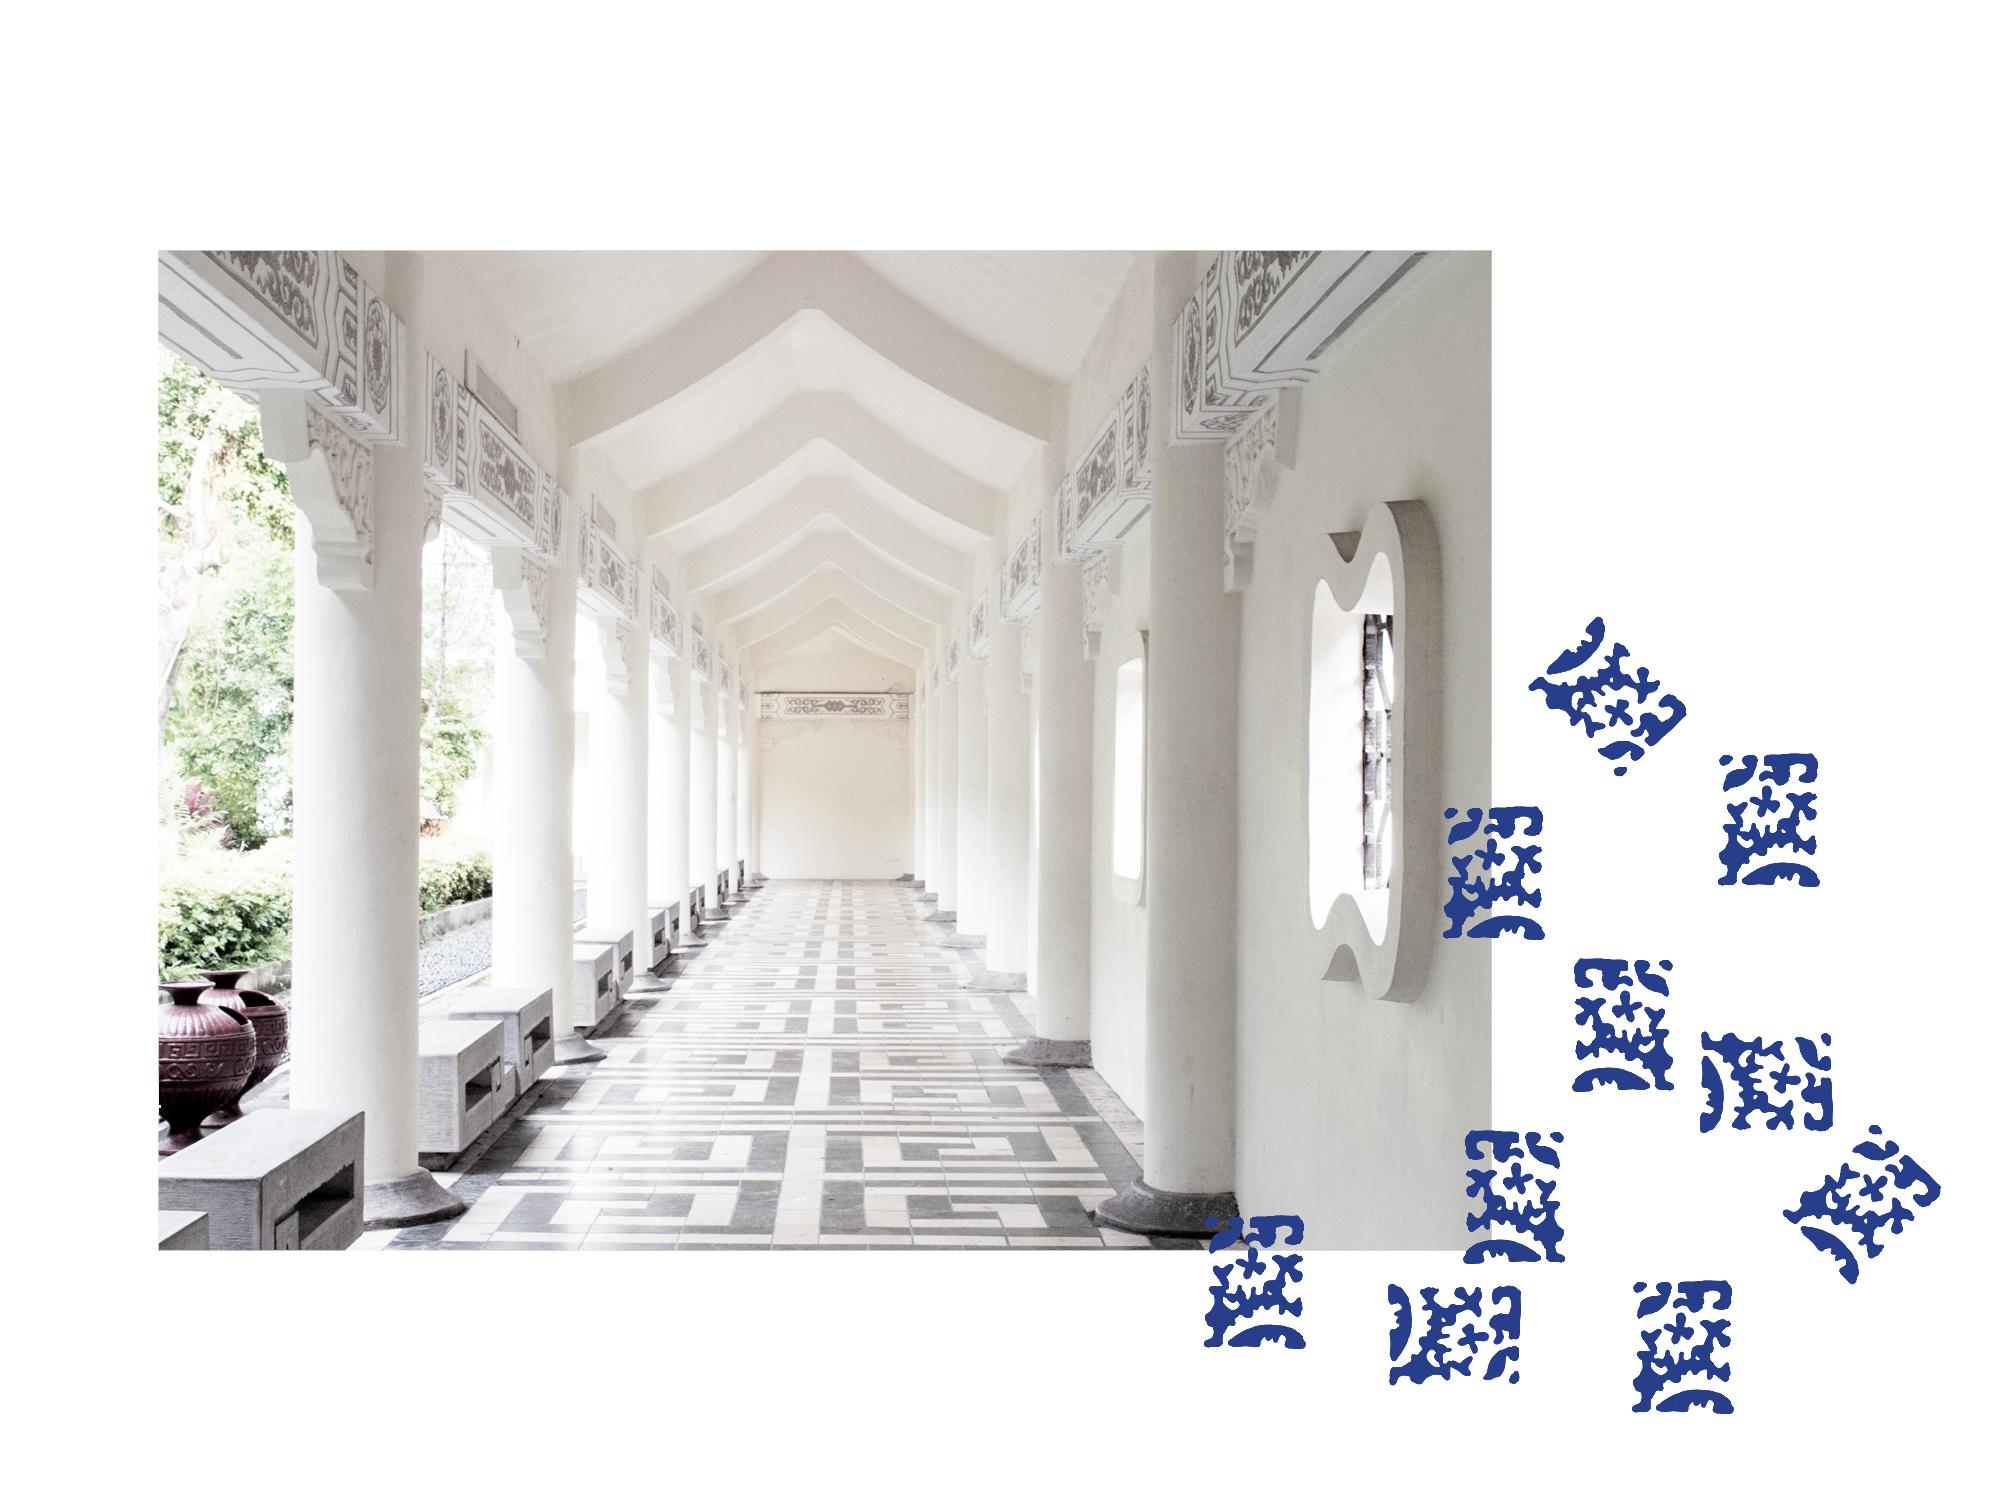 zhong-zheng-cks-1